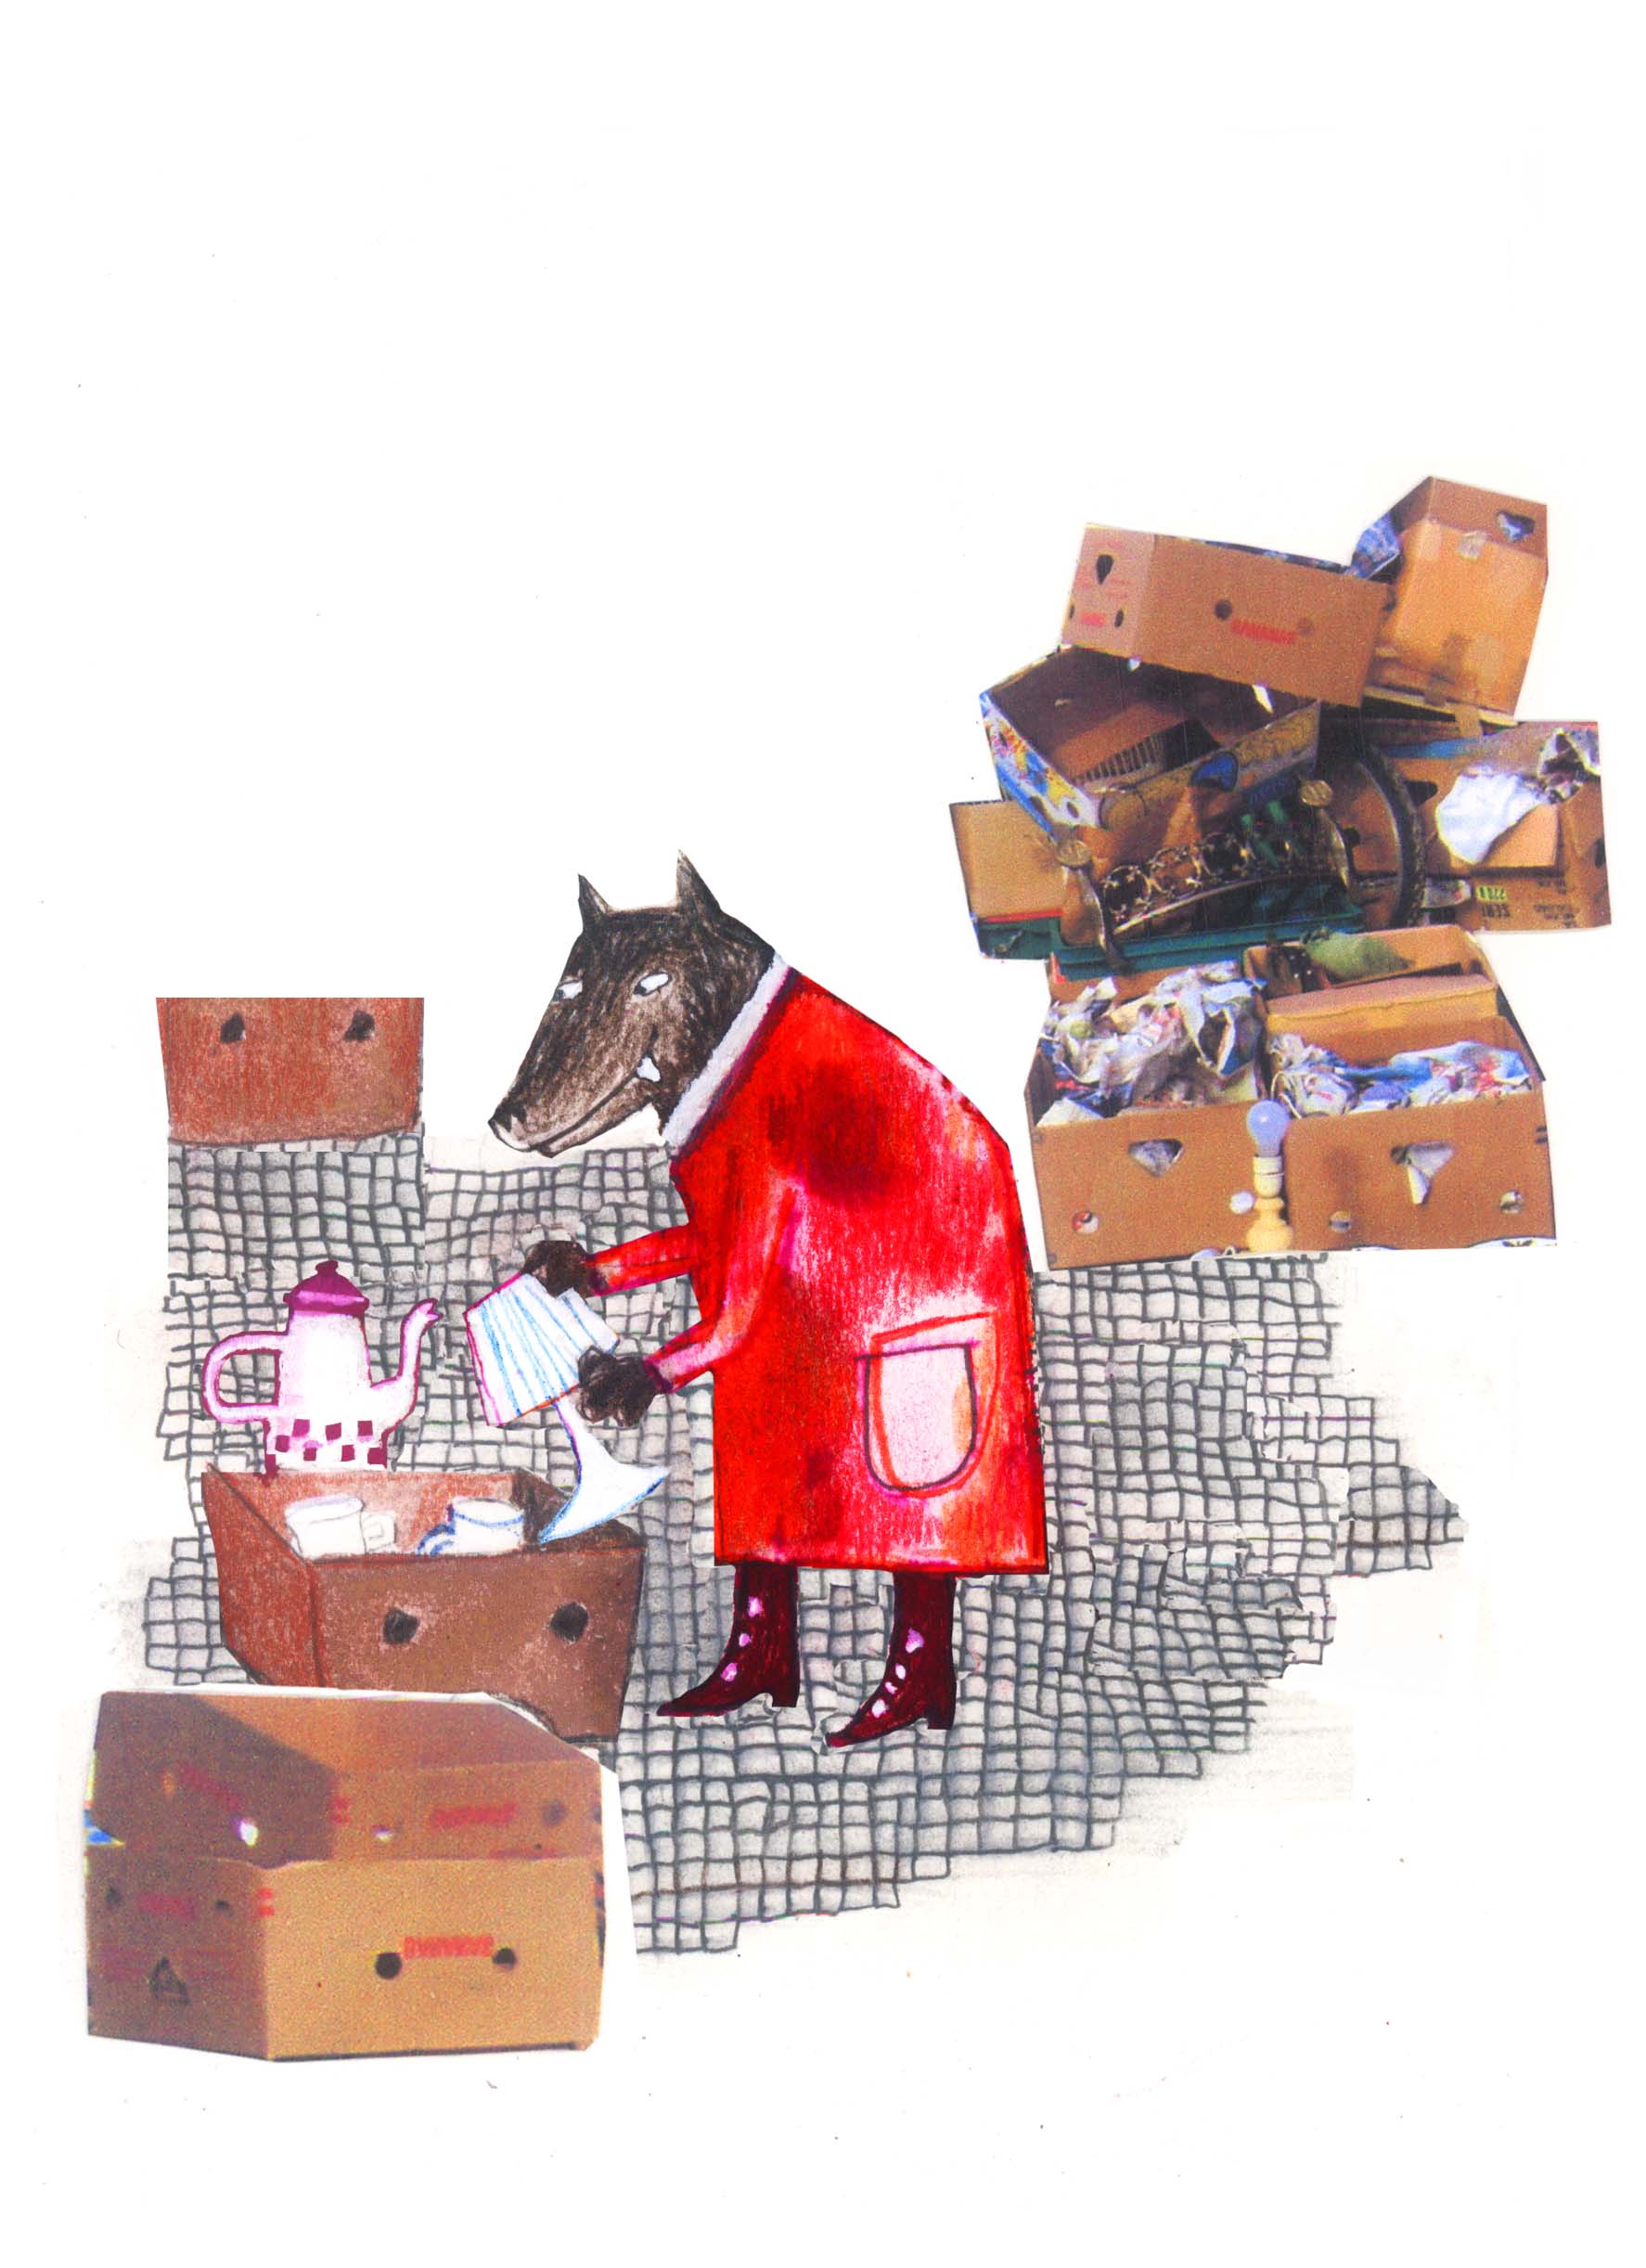 Louve aux Puces - Les loups dans Bruxelles (crayons, marqueurs, collage) 2012